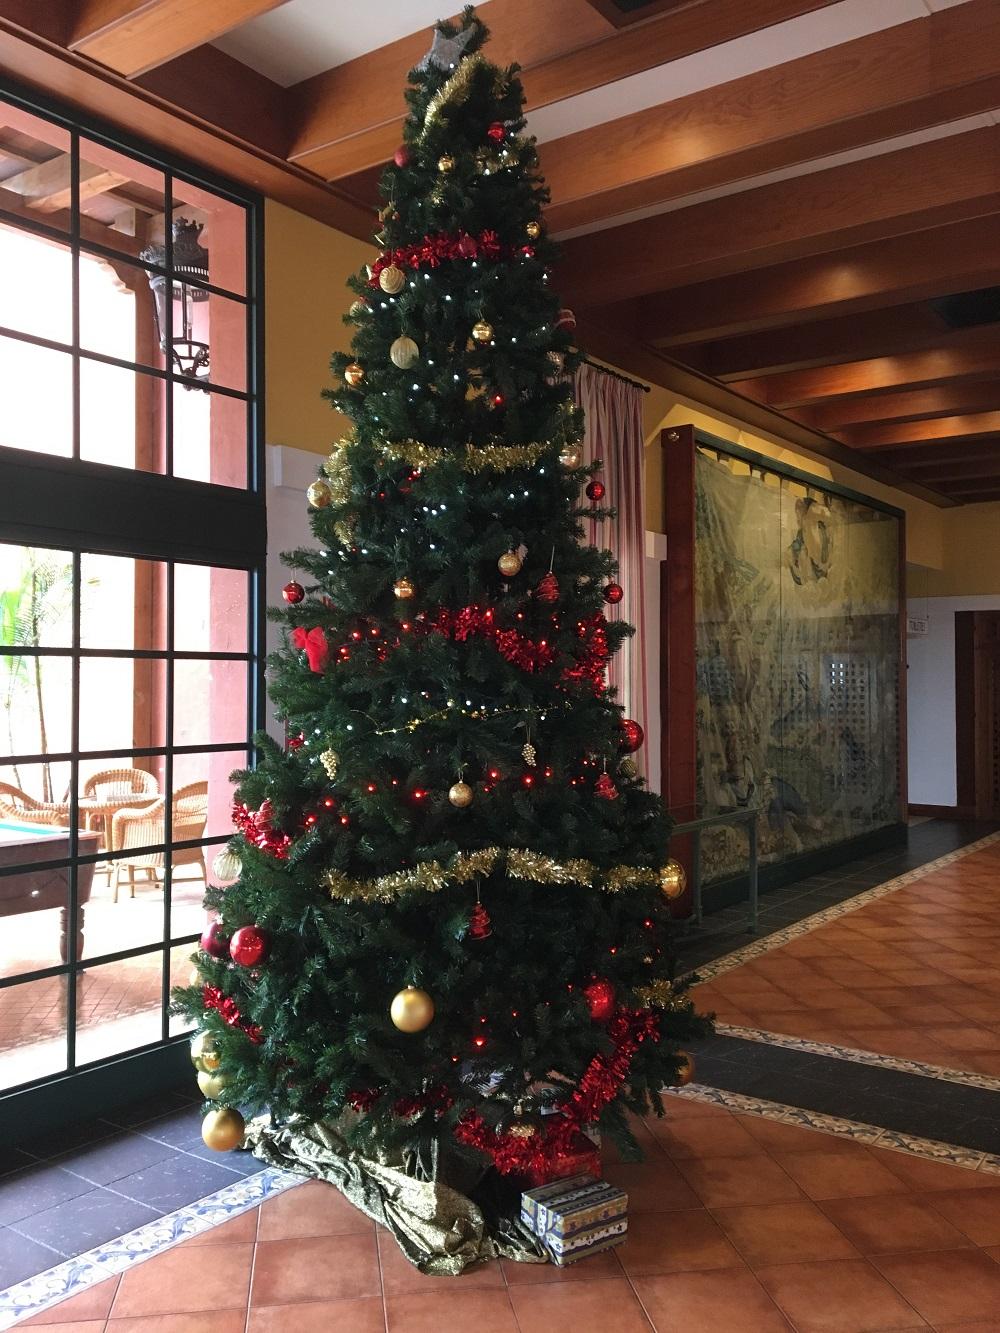 Die Reise nach La Palma - Teil 2 Weihnachtsbaum Empfangshalle - Sunnyside-of-life